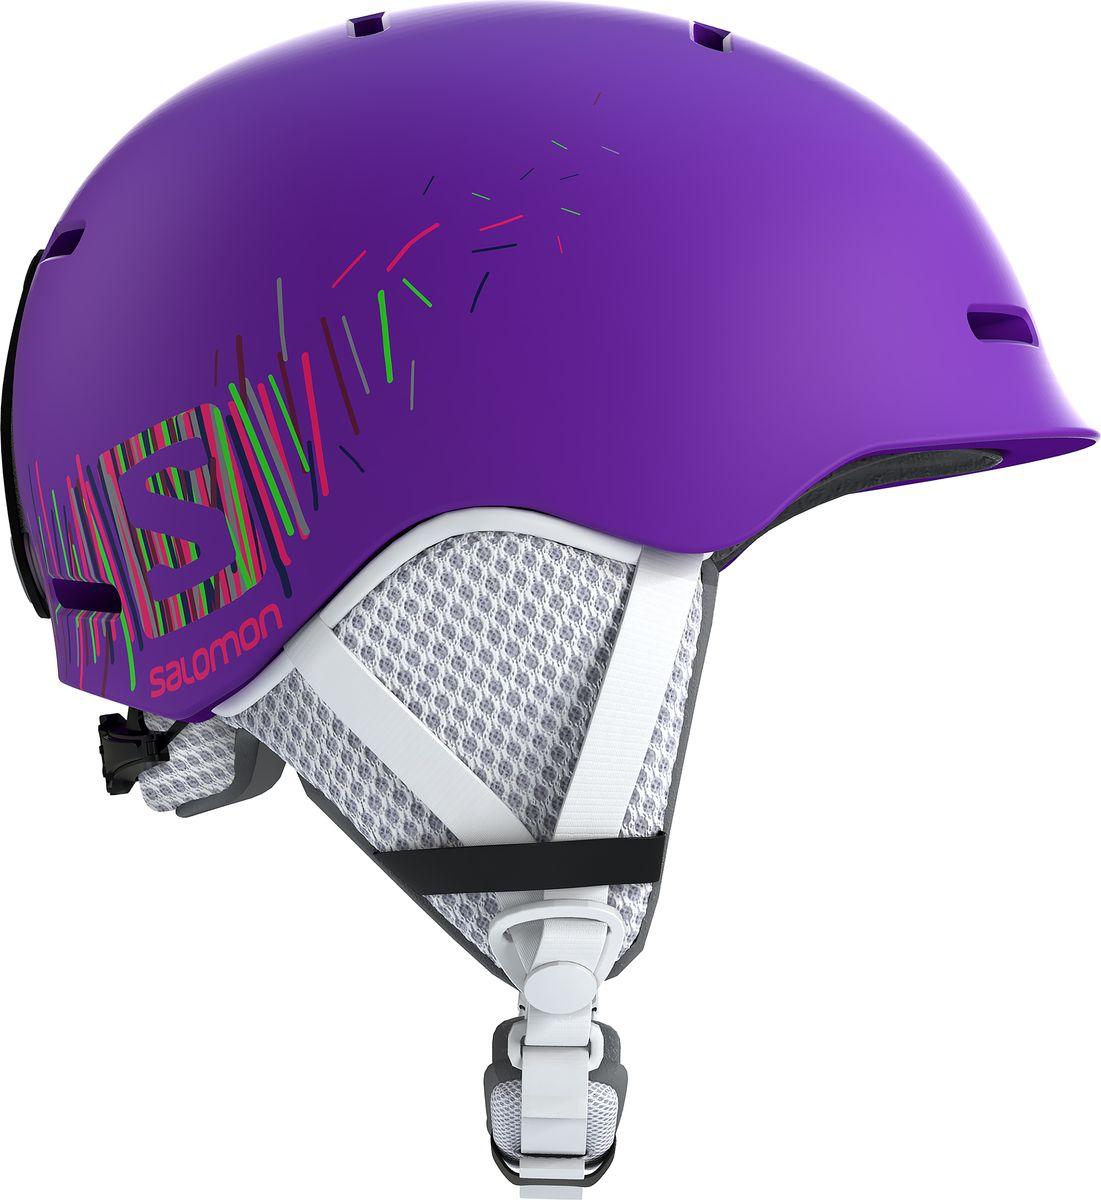 Шлем горнолыжный Salomon Grom, детский, цвет: фиолетовый. Размер S (49-53) горнолыжный шлем salomon salomon allium custom air черный s 53 56